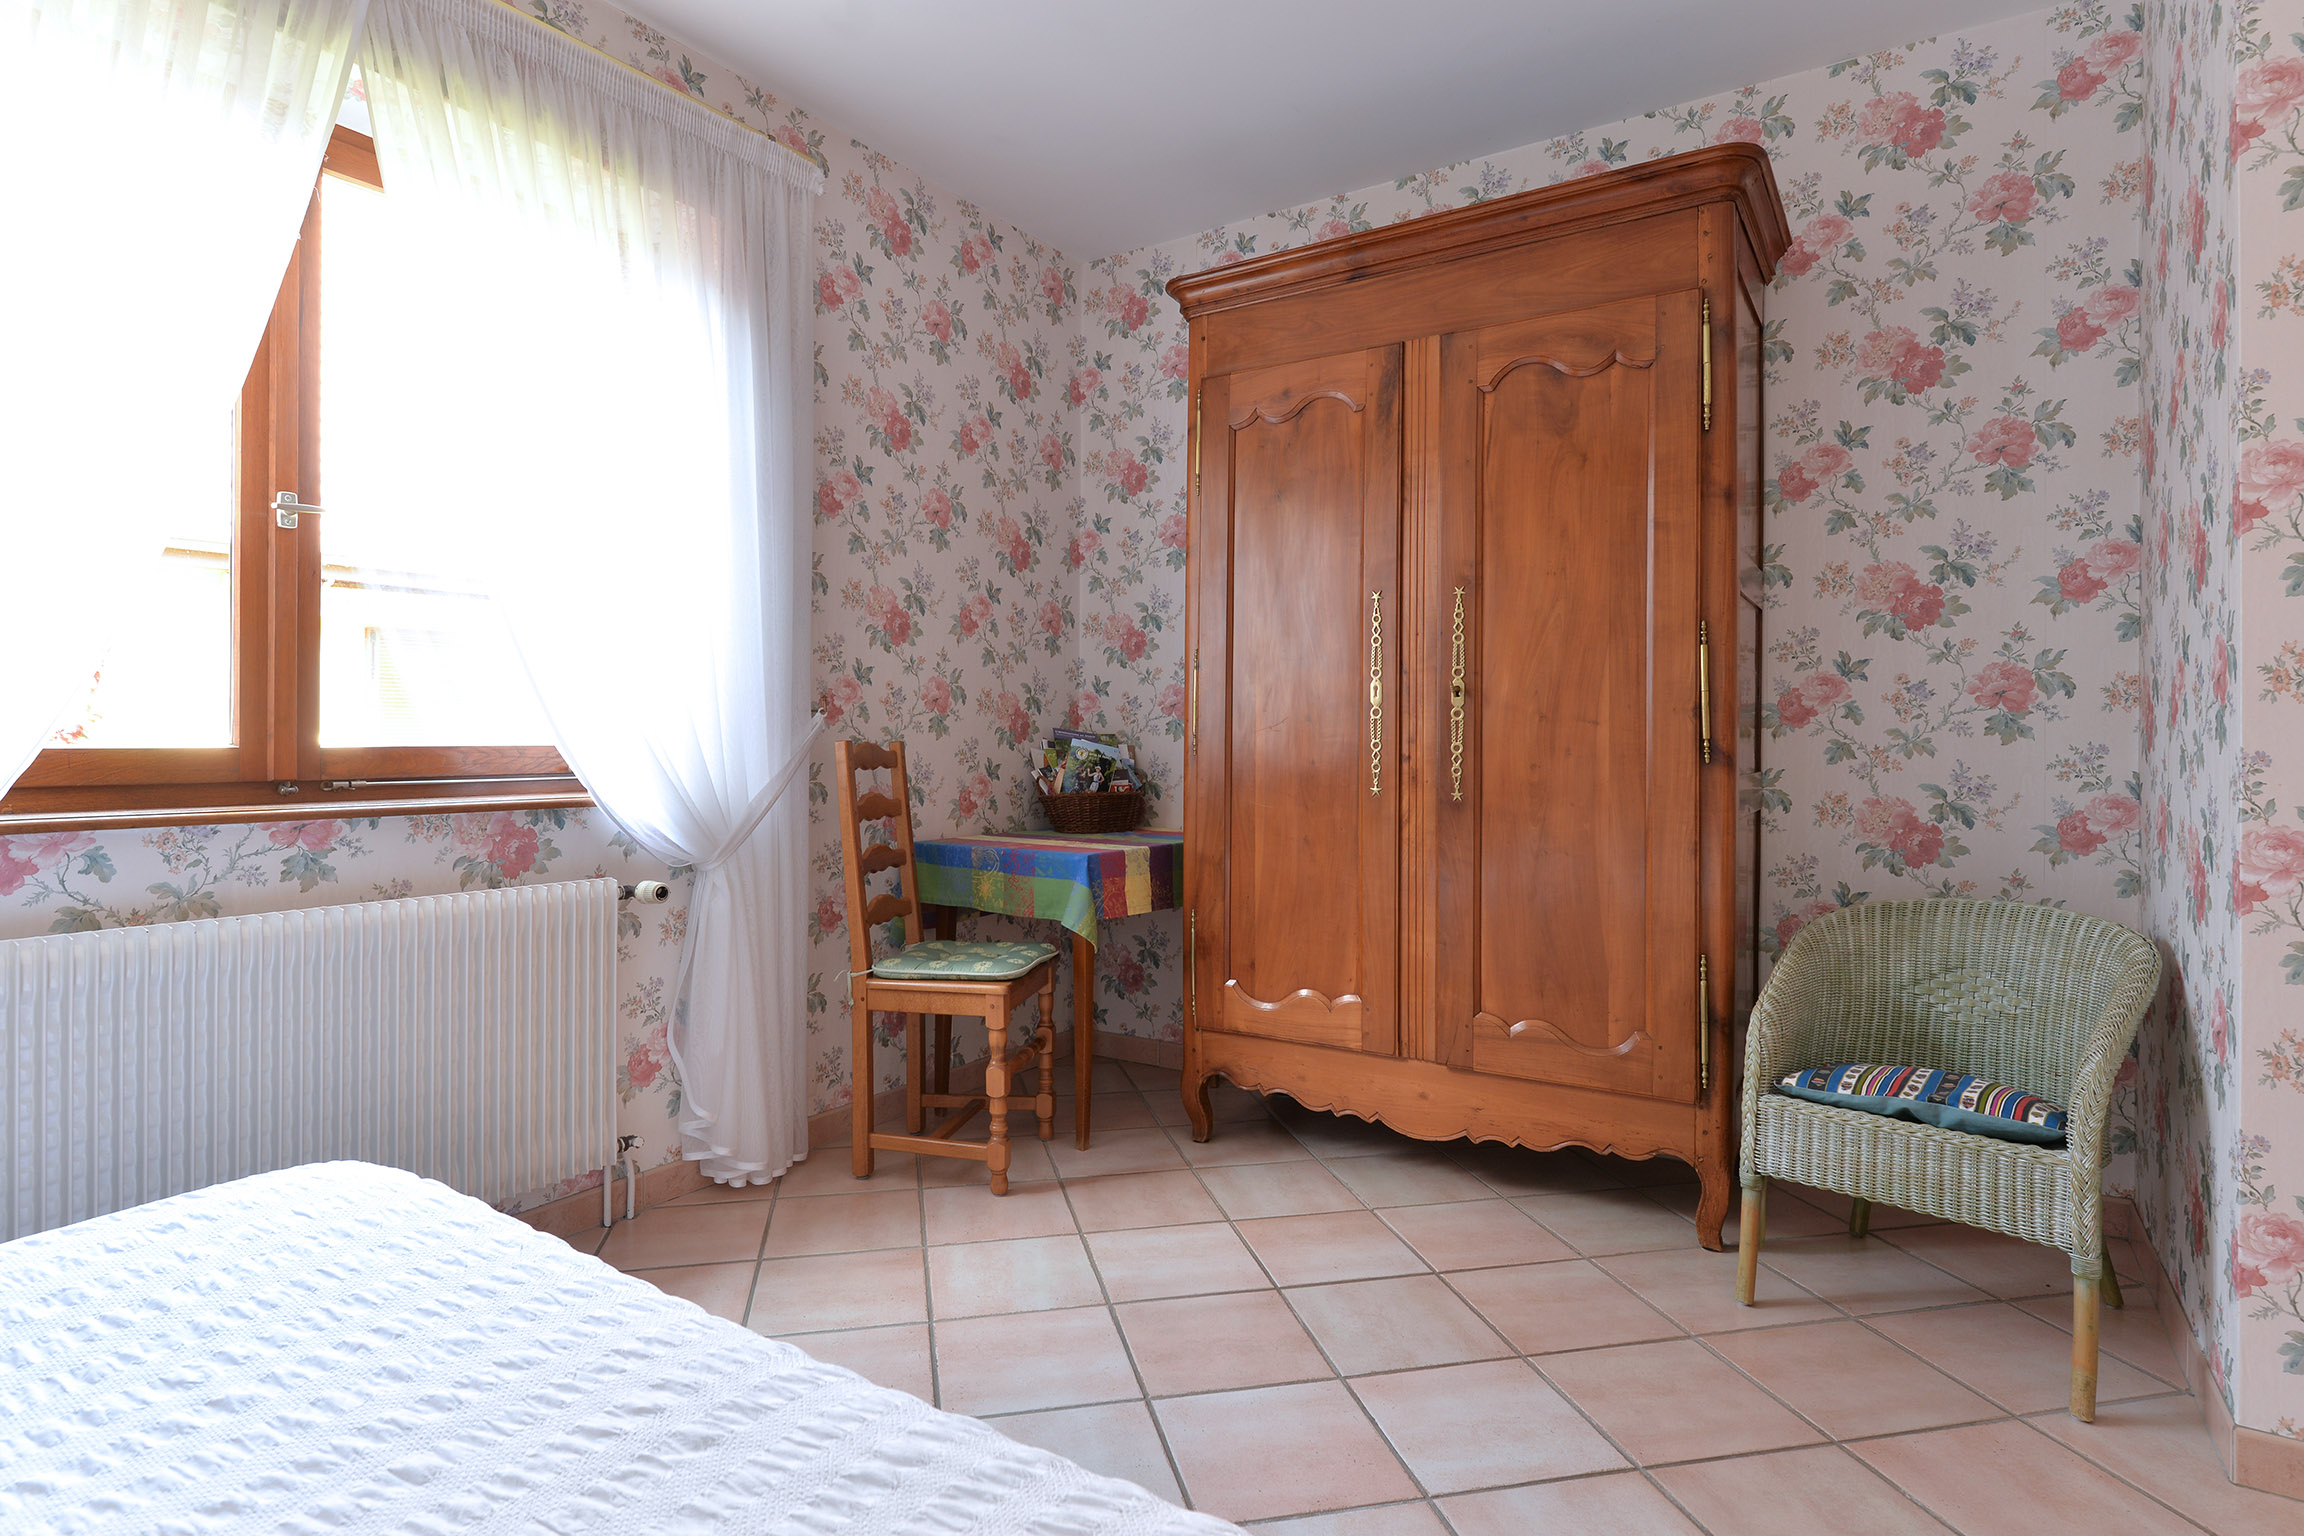 Maison d'hôtes de Mme Colette FRANCOIS